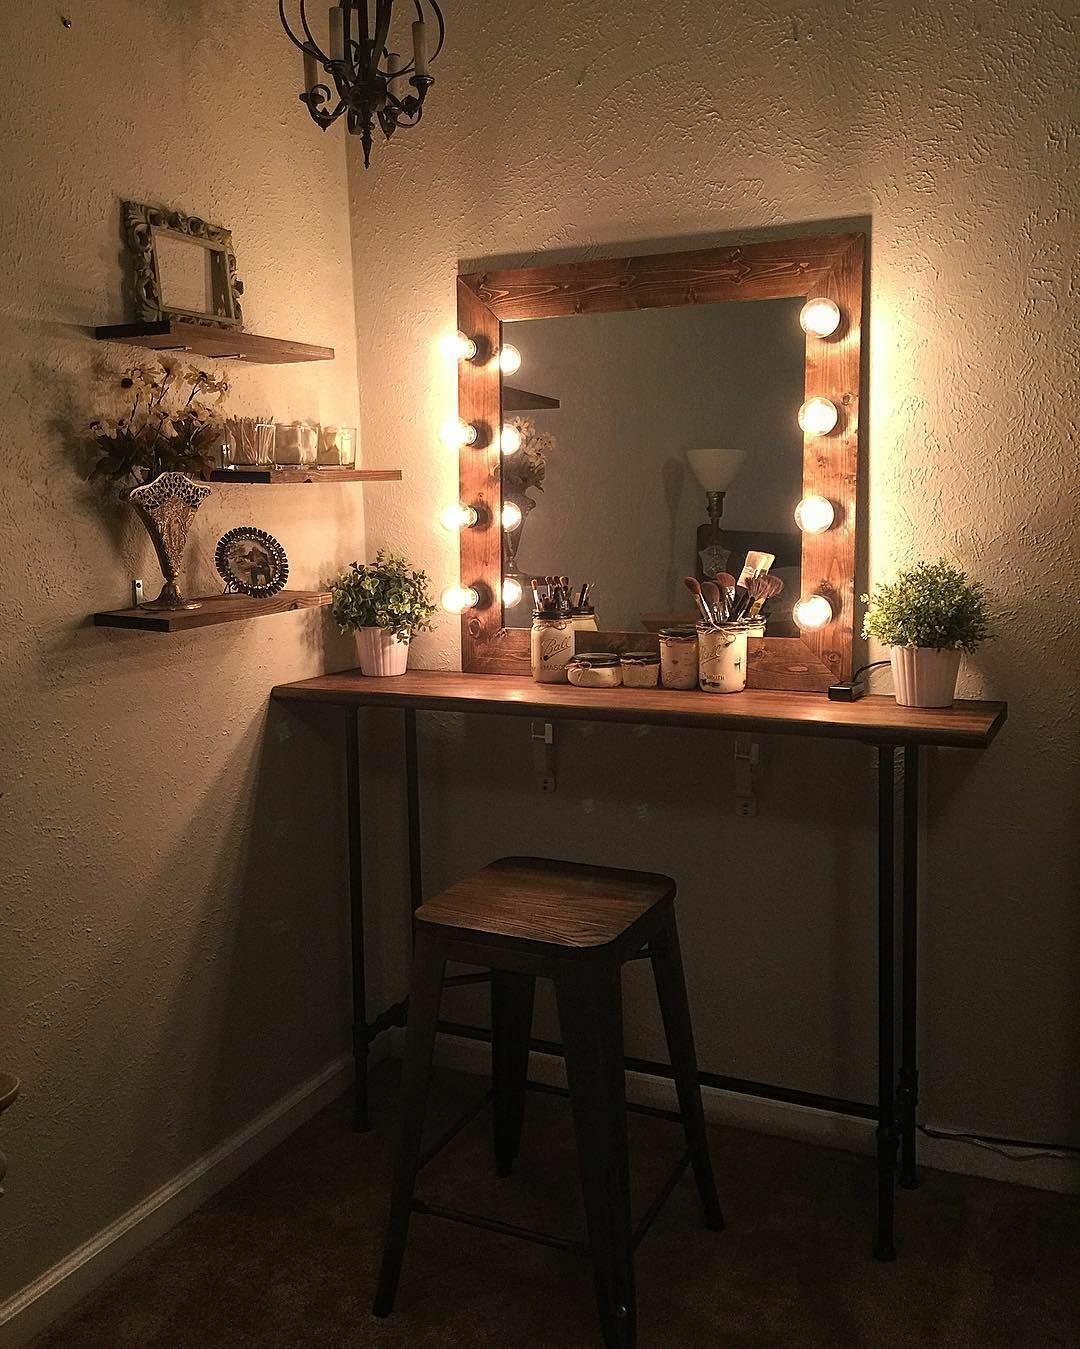 зеркало с подсветкой как элемент декора в интерьере